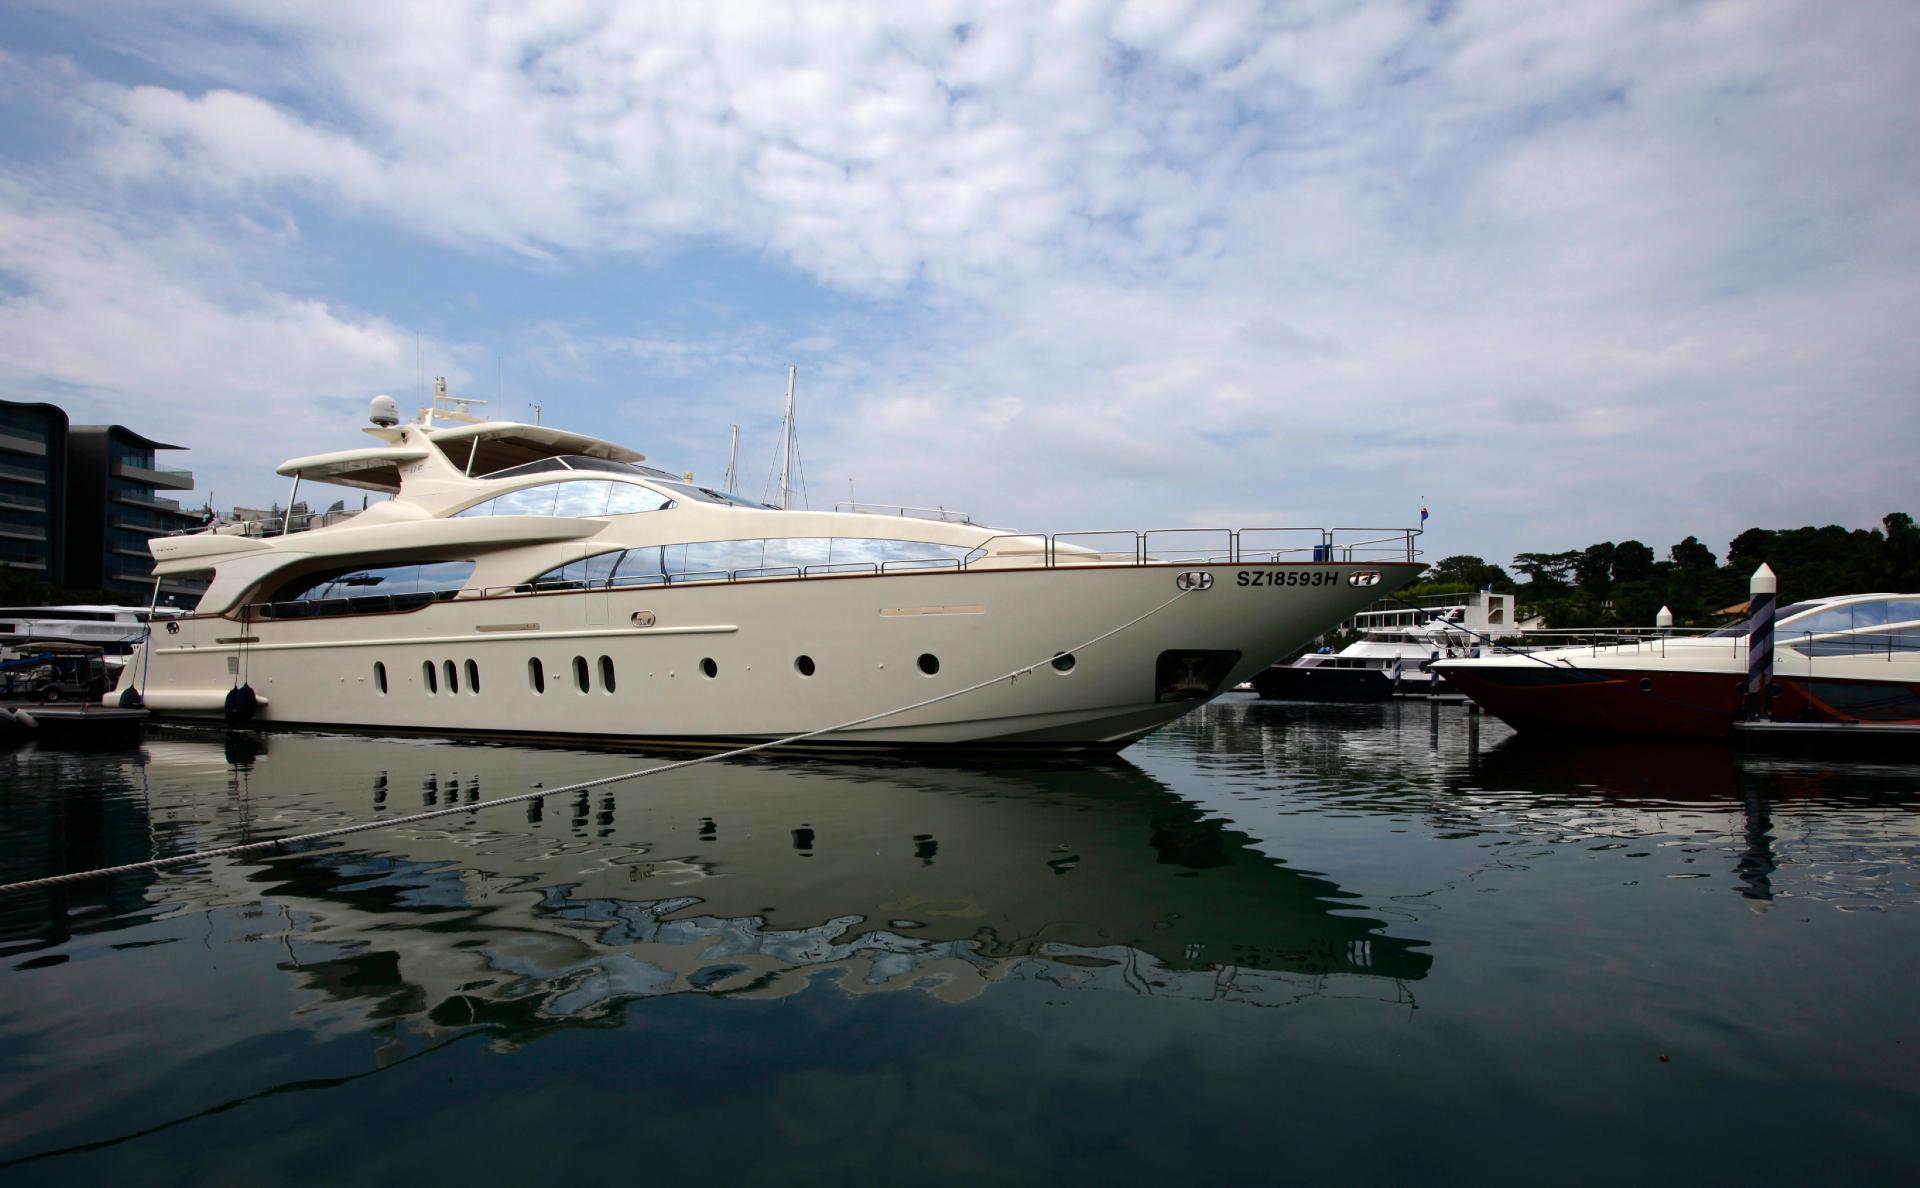 Производители яхт заявили о падающих продажах из-за рисков в экономике photo